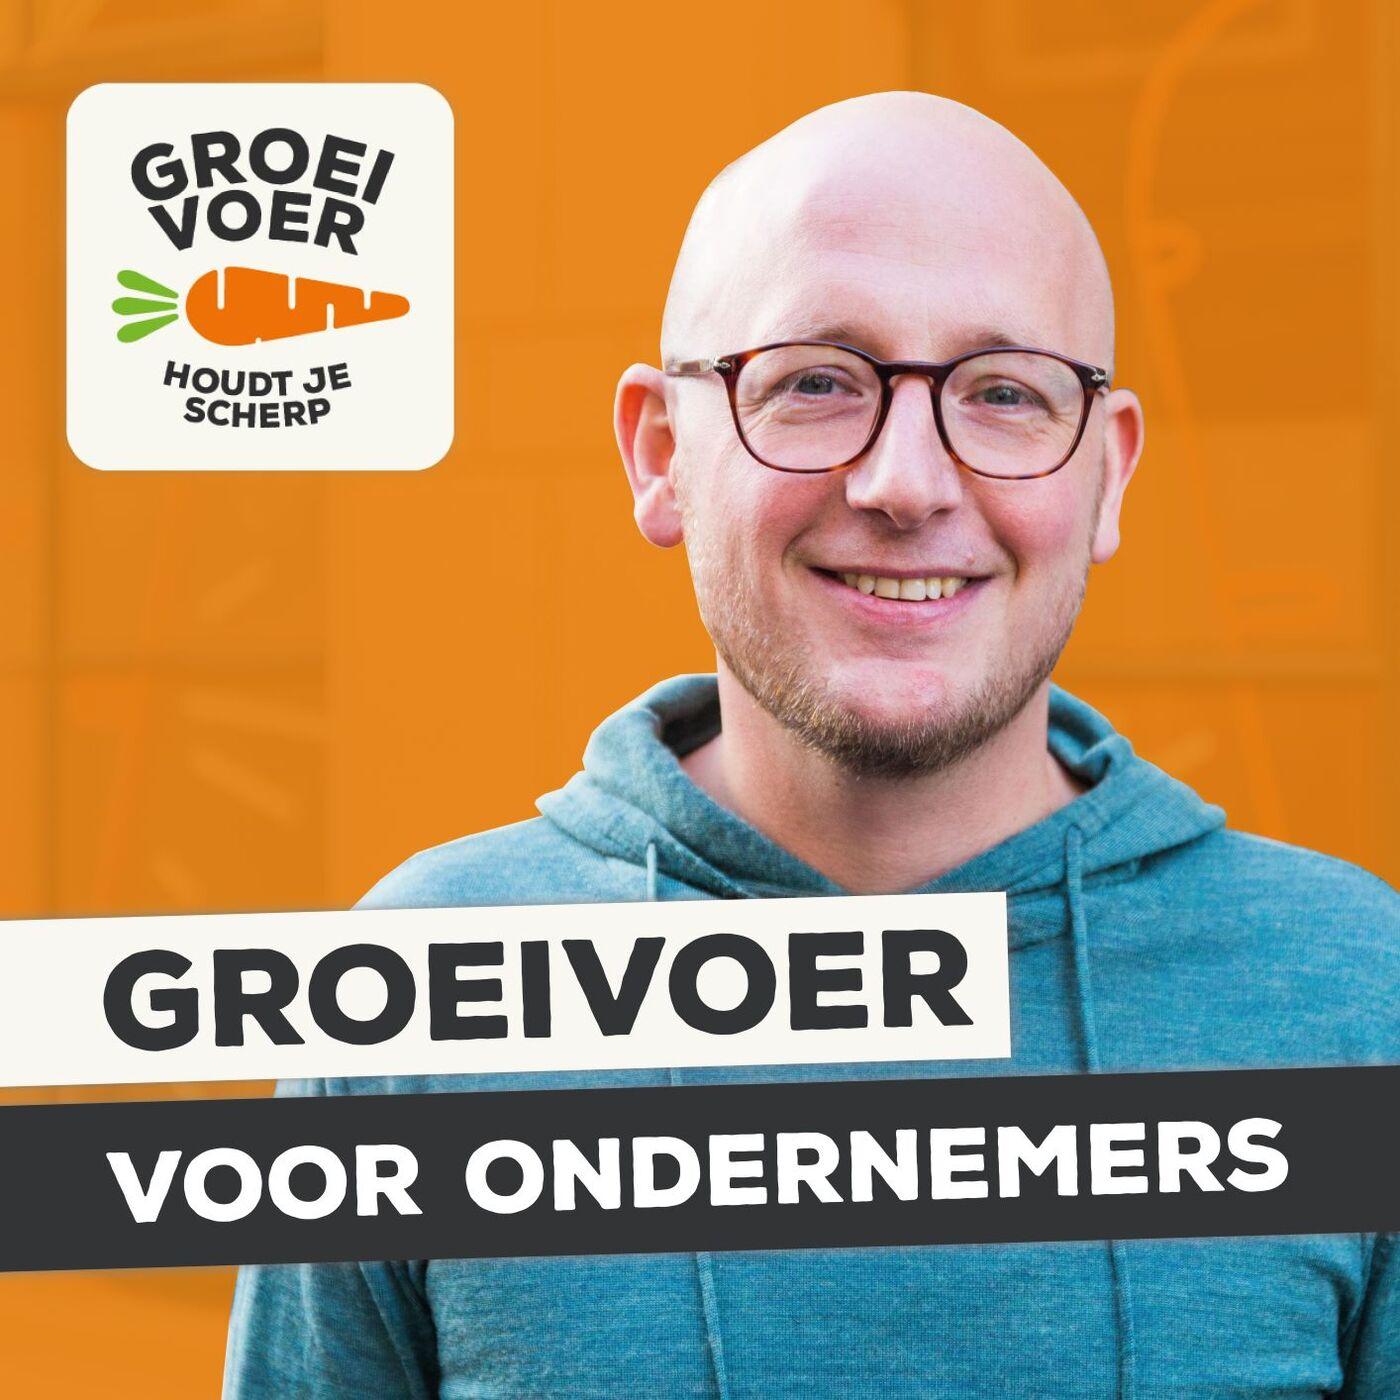 Groeivoer voor Ondernemers Podcast - inspiratie over ondernemen - door Gerhard te Velde